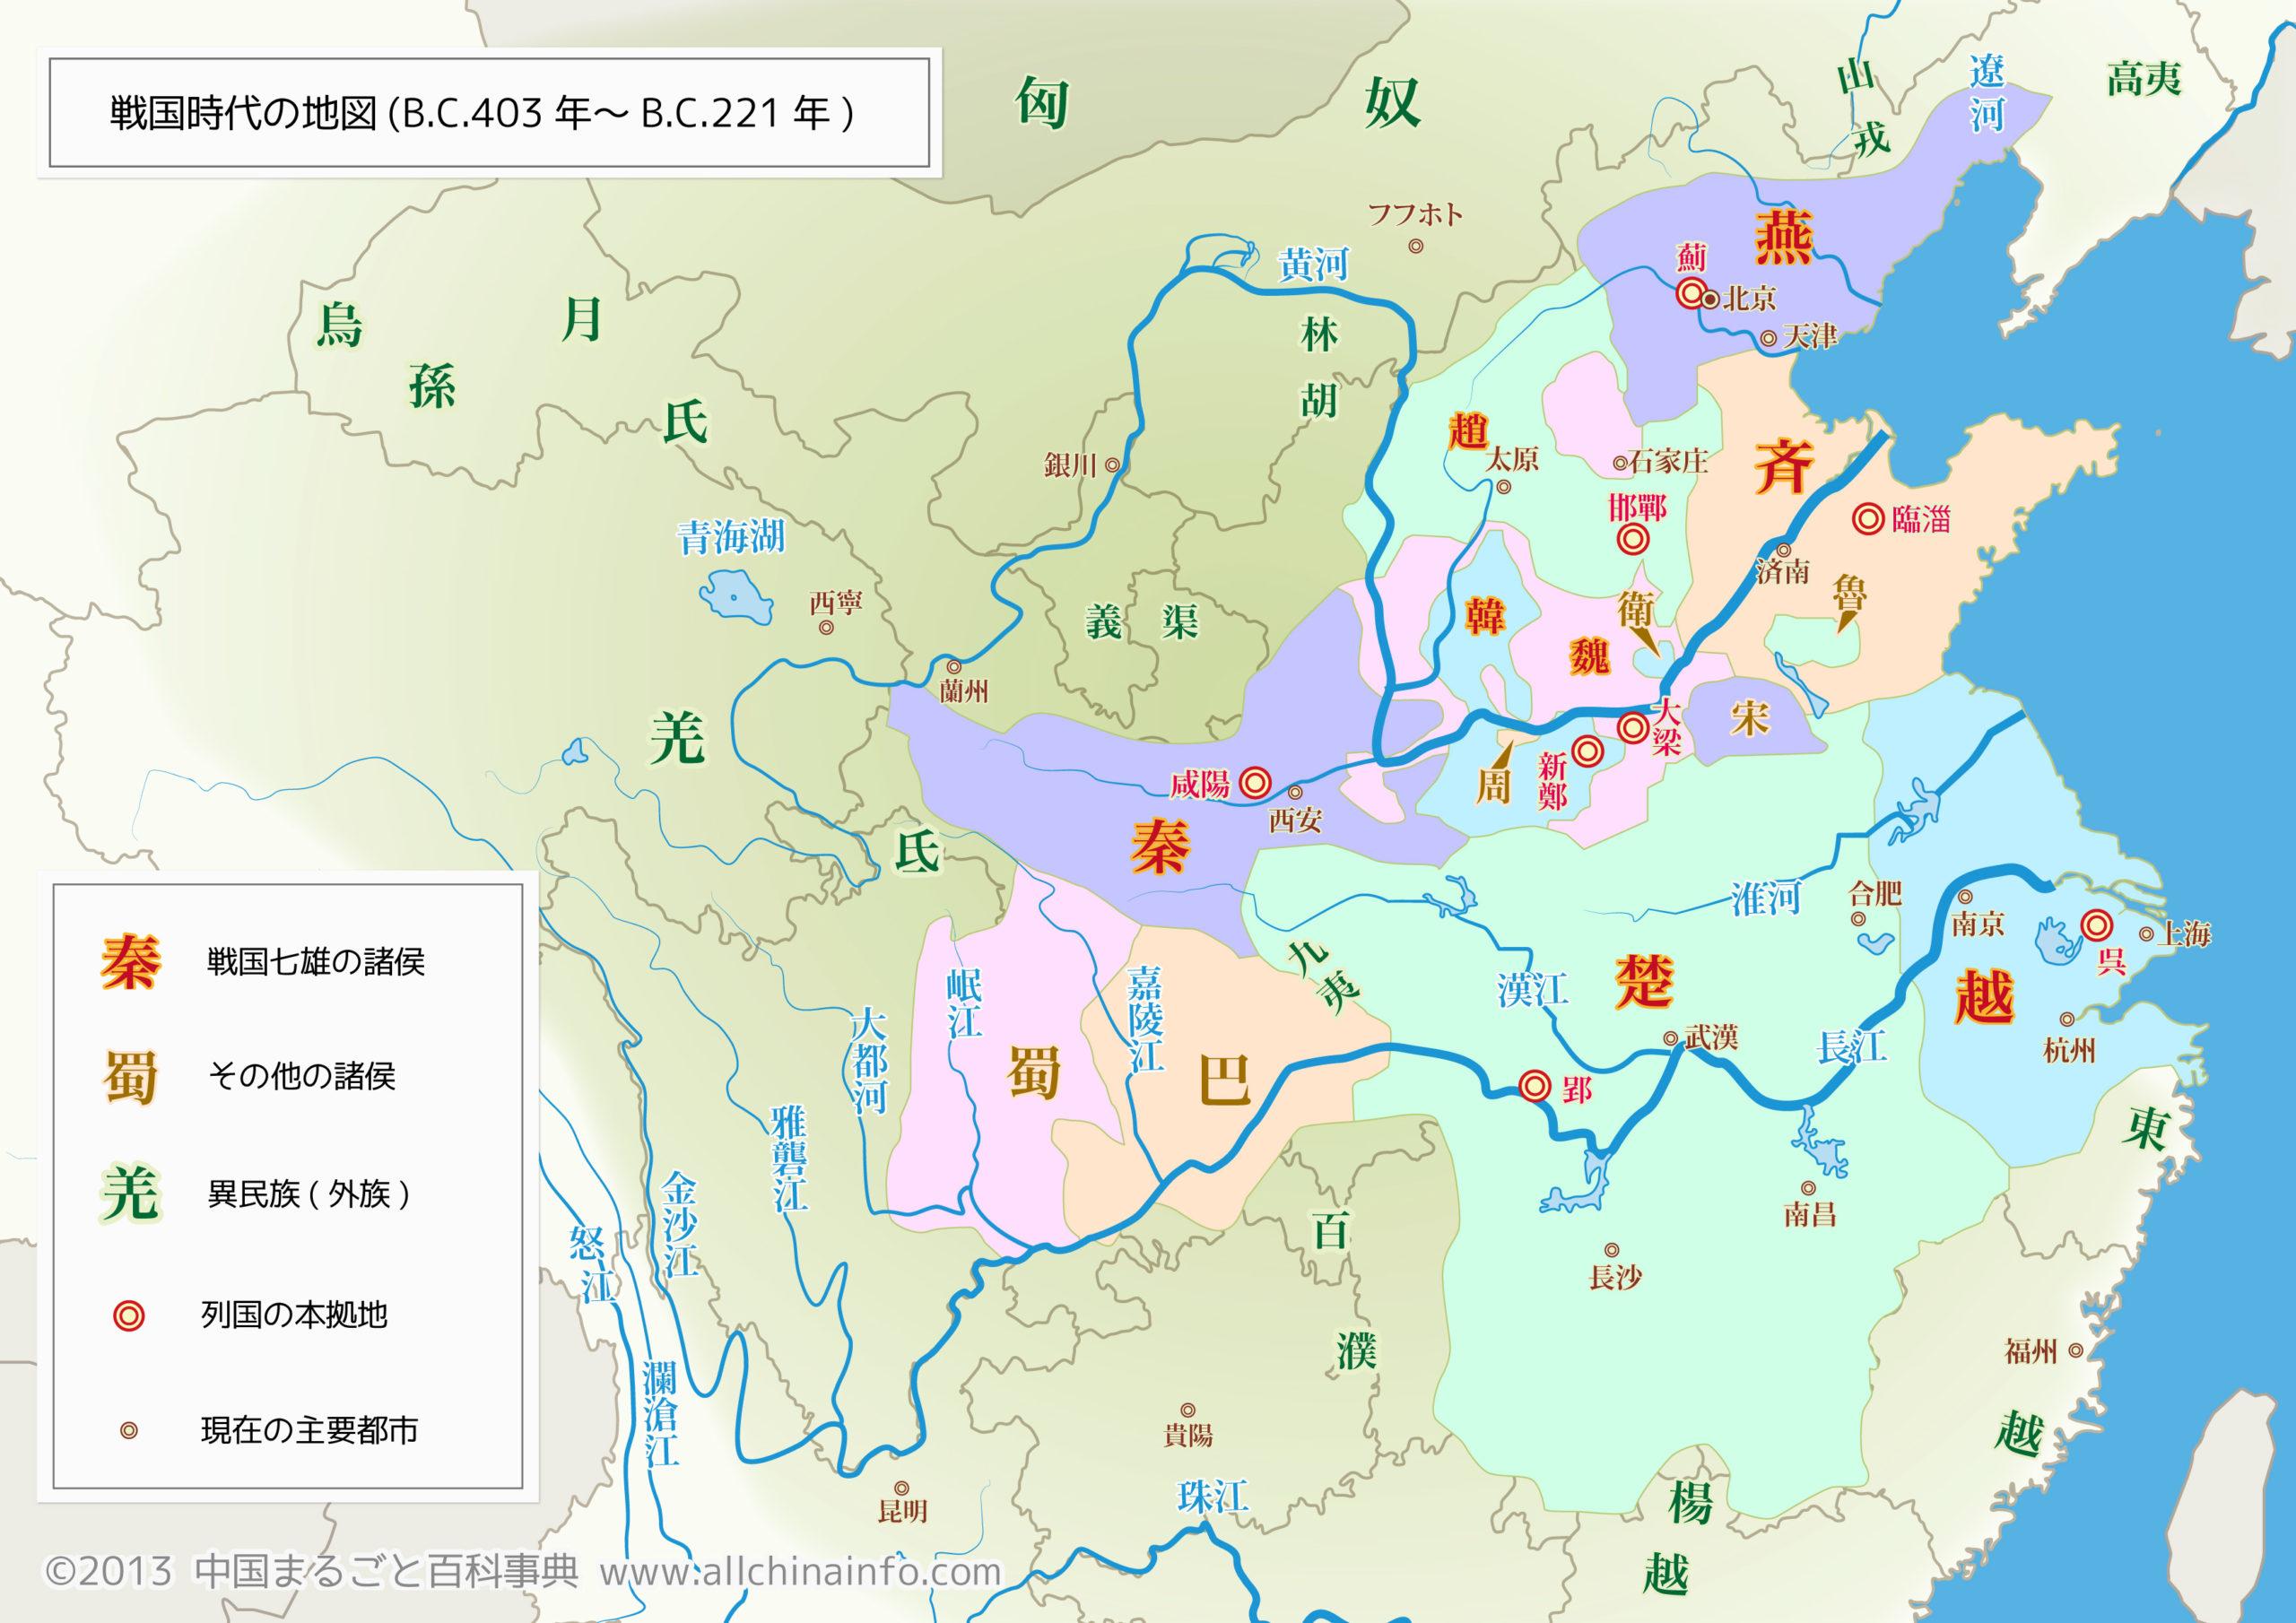 戦国時代の地図